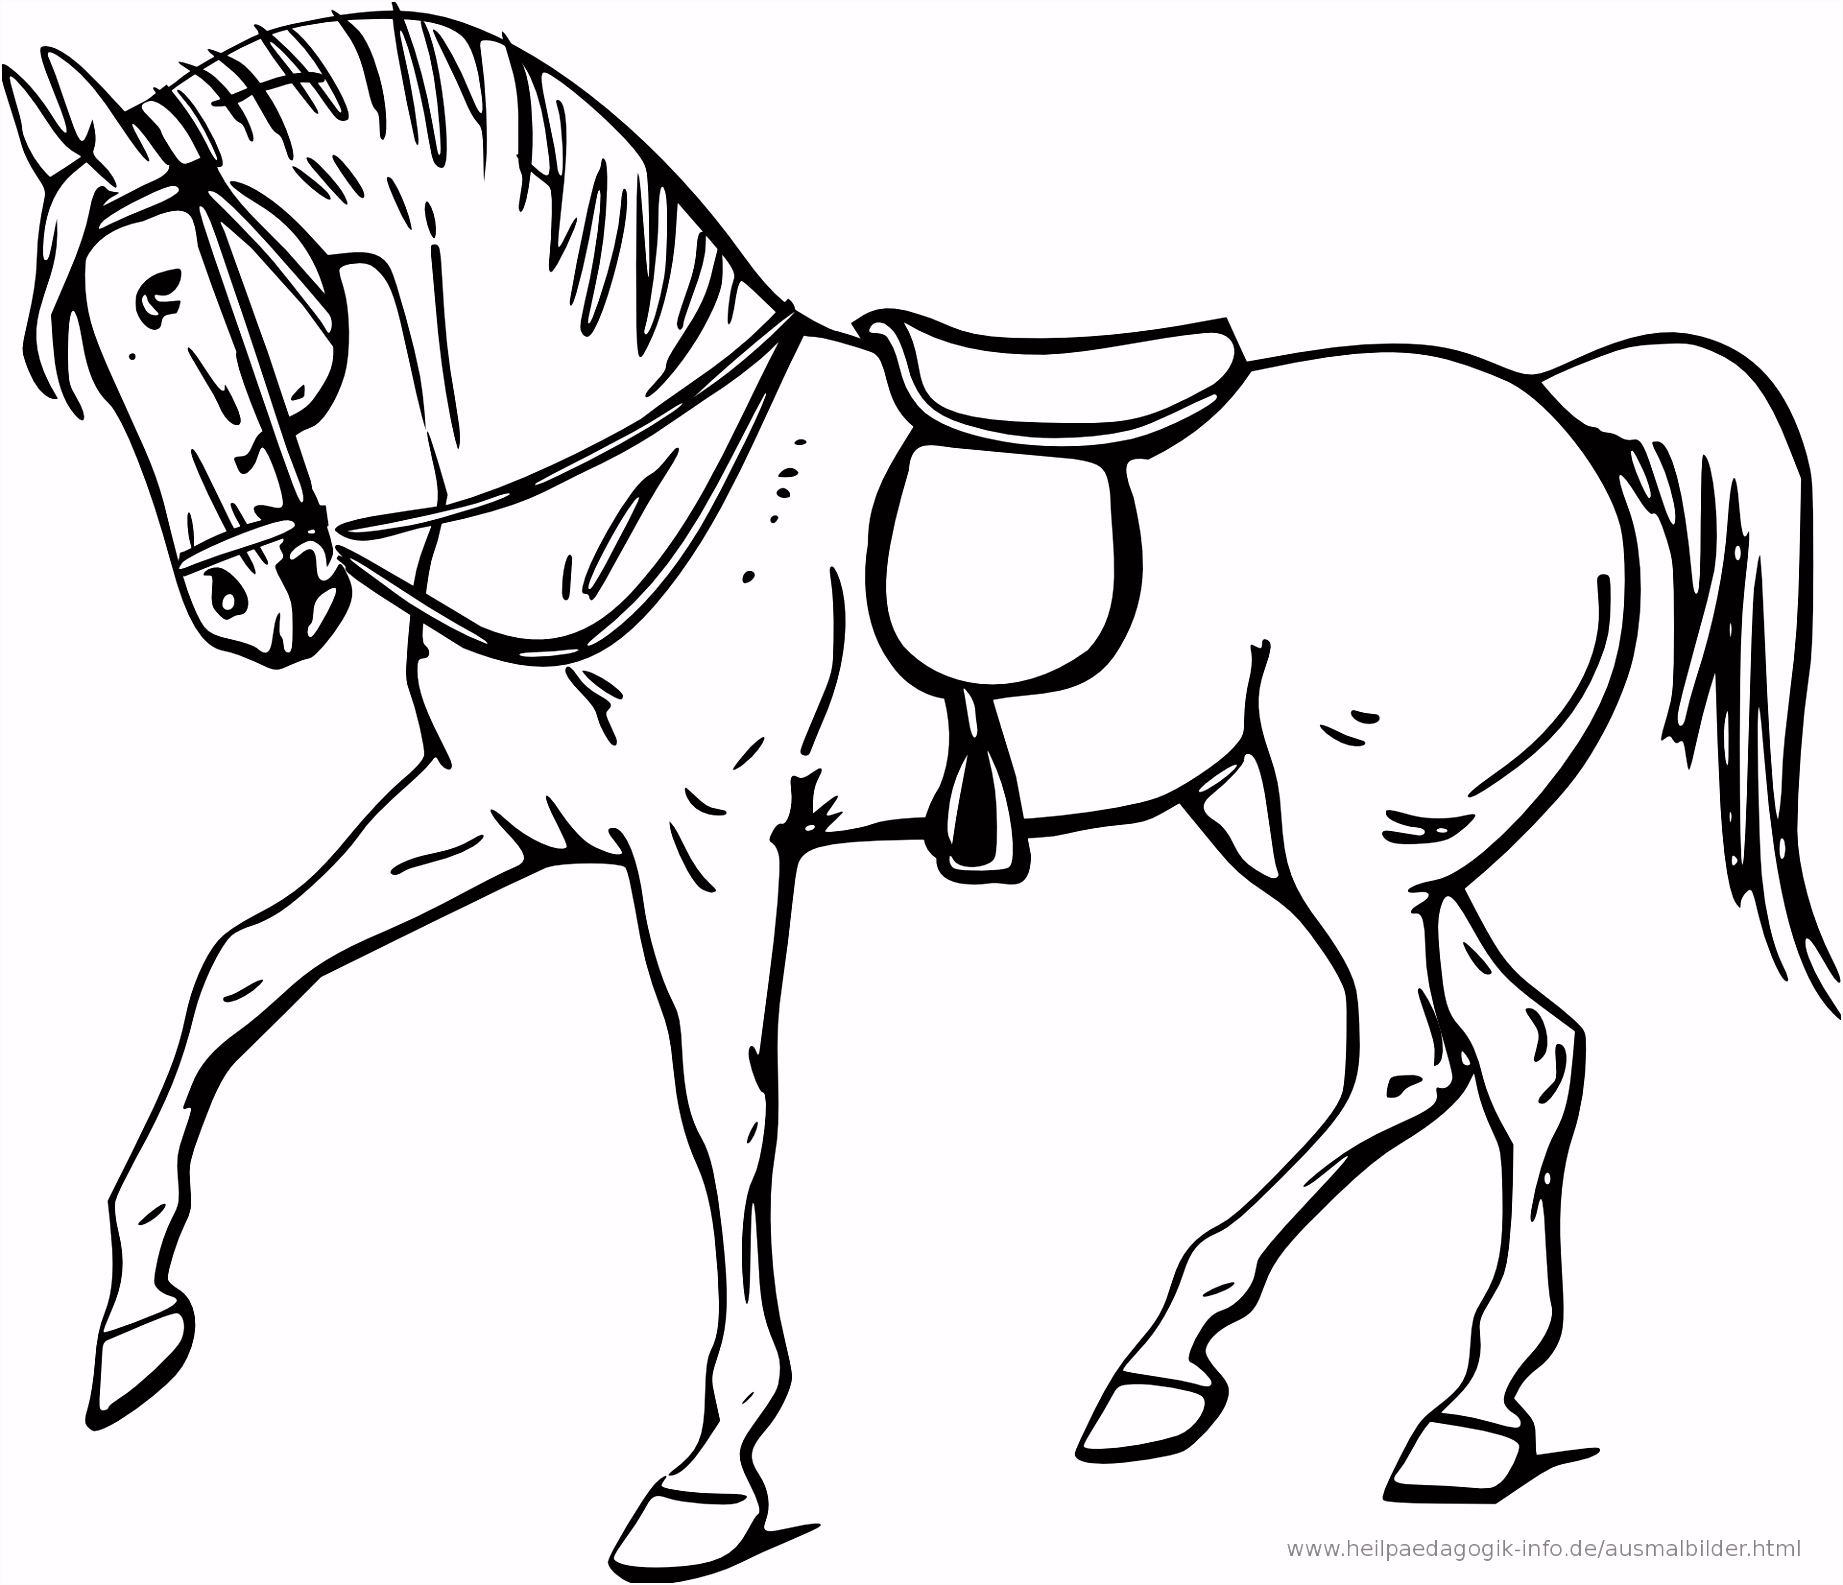 Ausmalbilder Pferde in Malvorlage Pferdekopf CarsMalvorlage Store